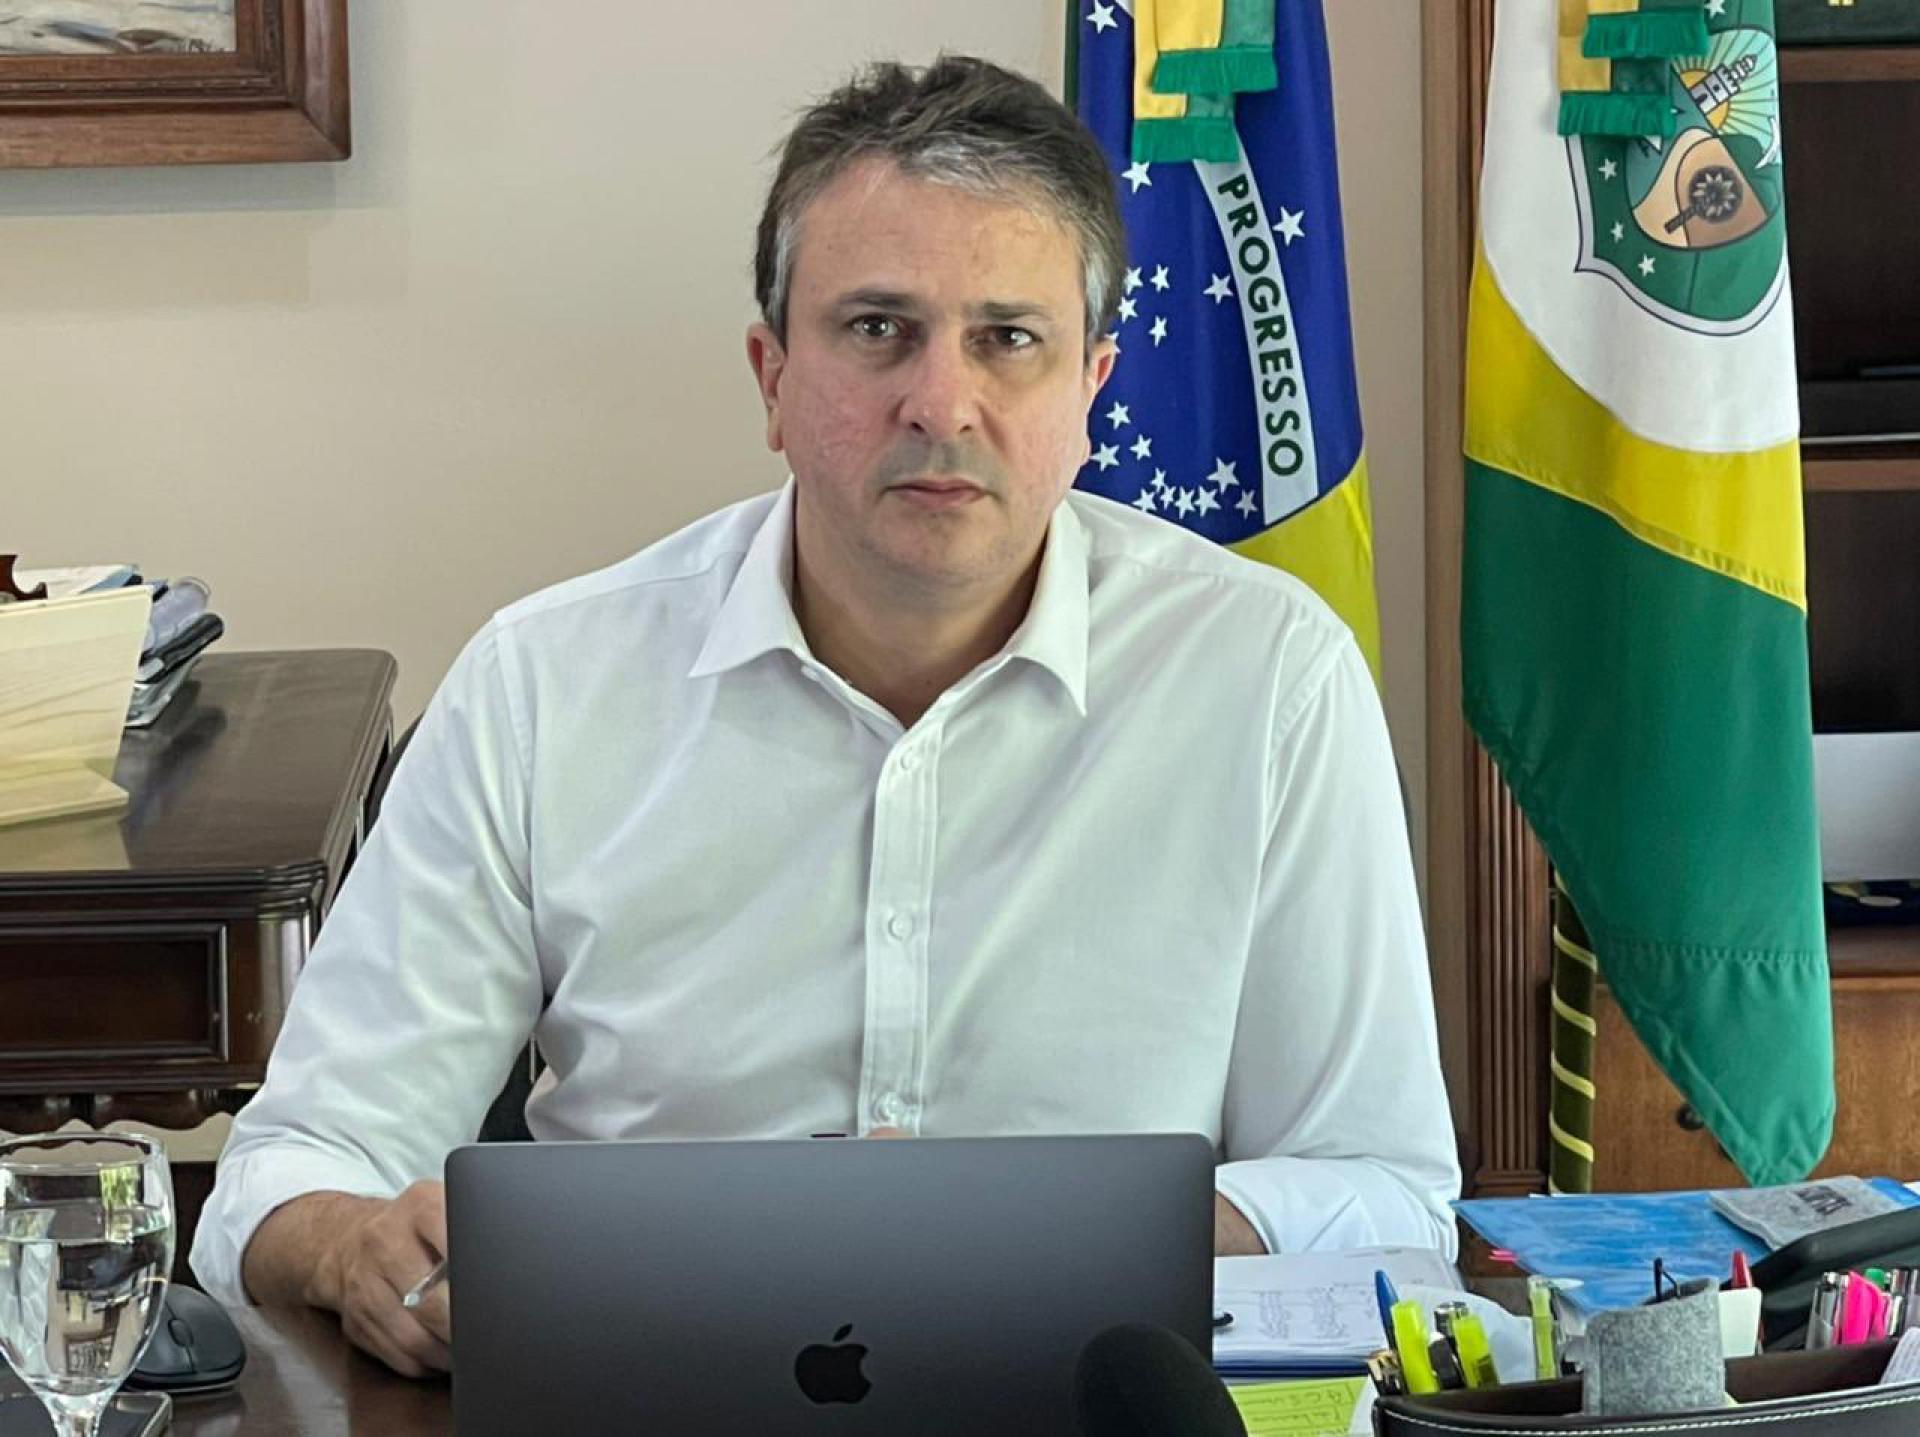 CAMILO endureceu discurso contra deputados opositores (Foto: Reprodução Twitter)